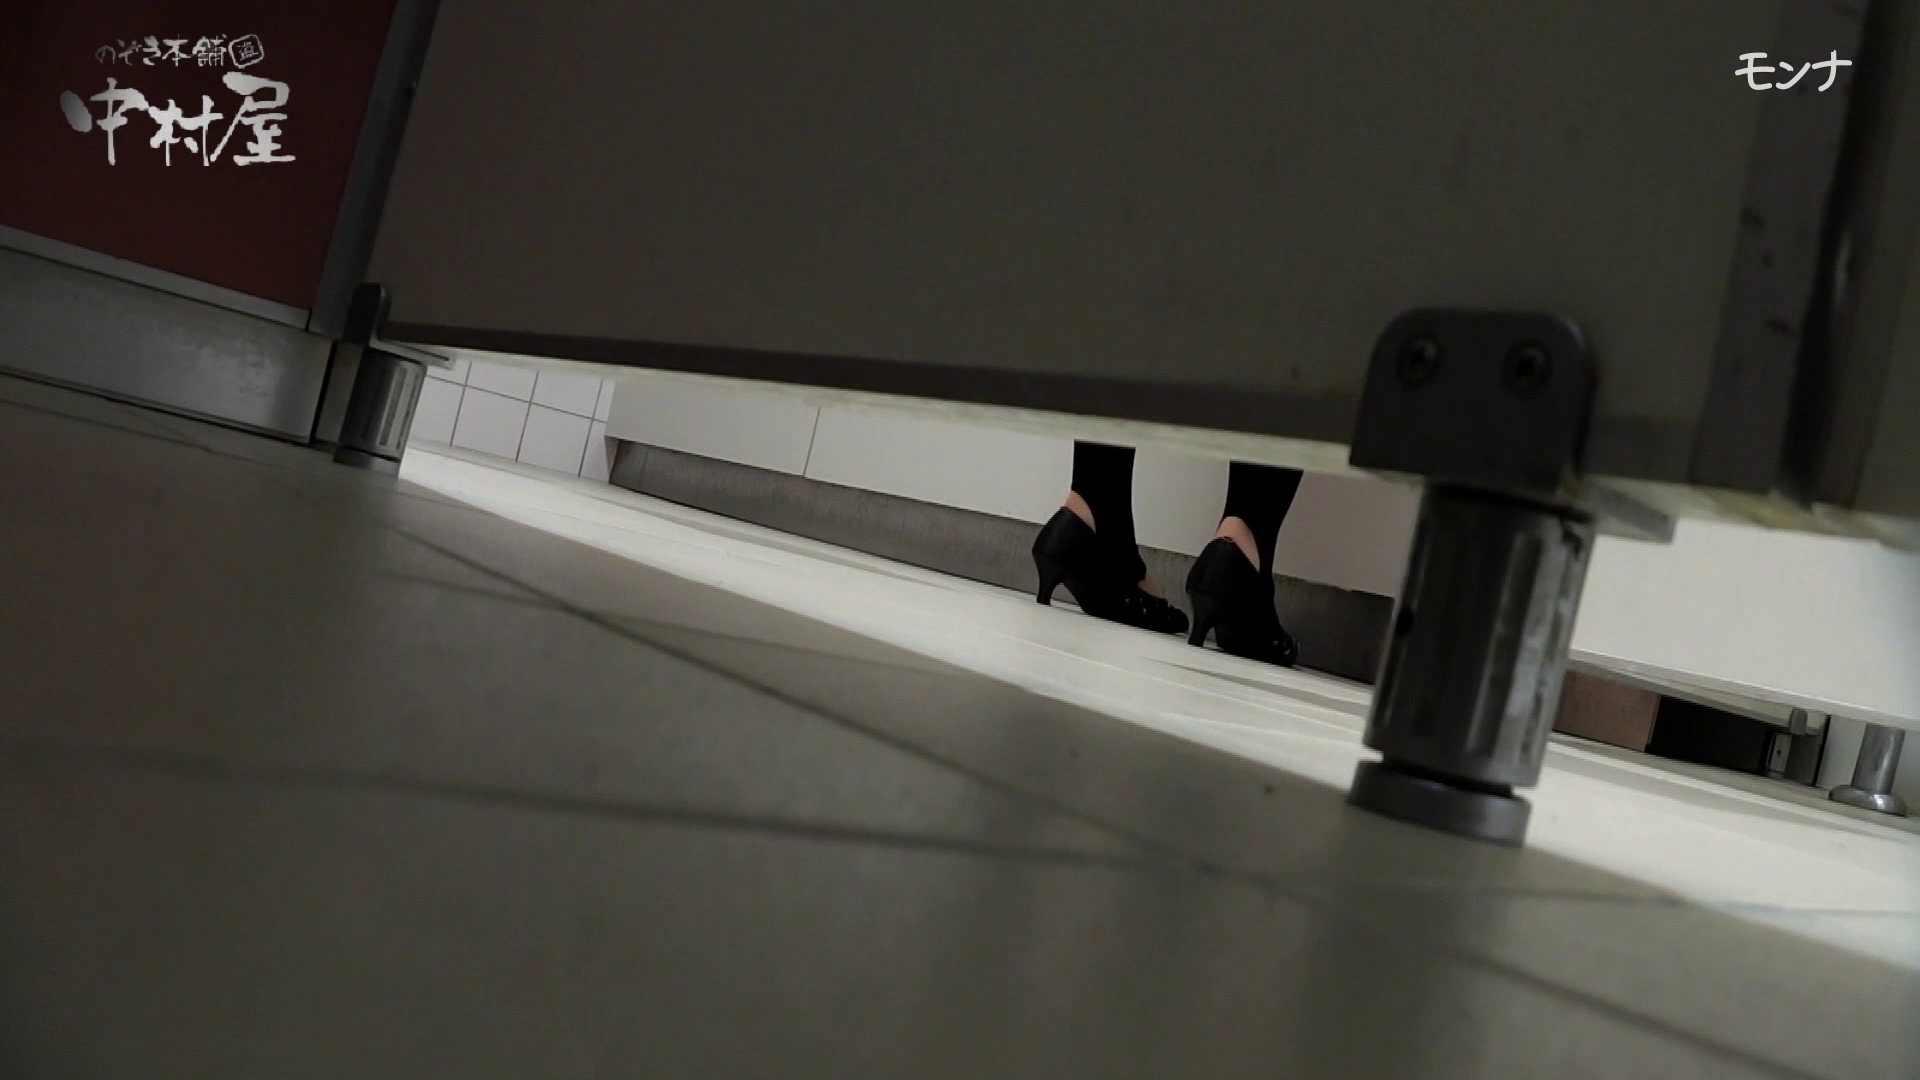 美しい日本の未来 No.49 何があった?カメラ持ちながらみんなの前に!潜り抜け 後編 ビッチなギャル | 覗き  66pic 26